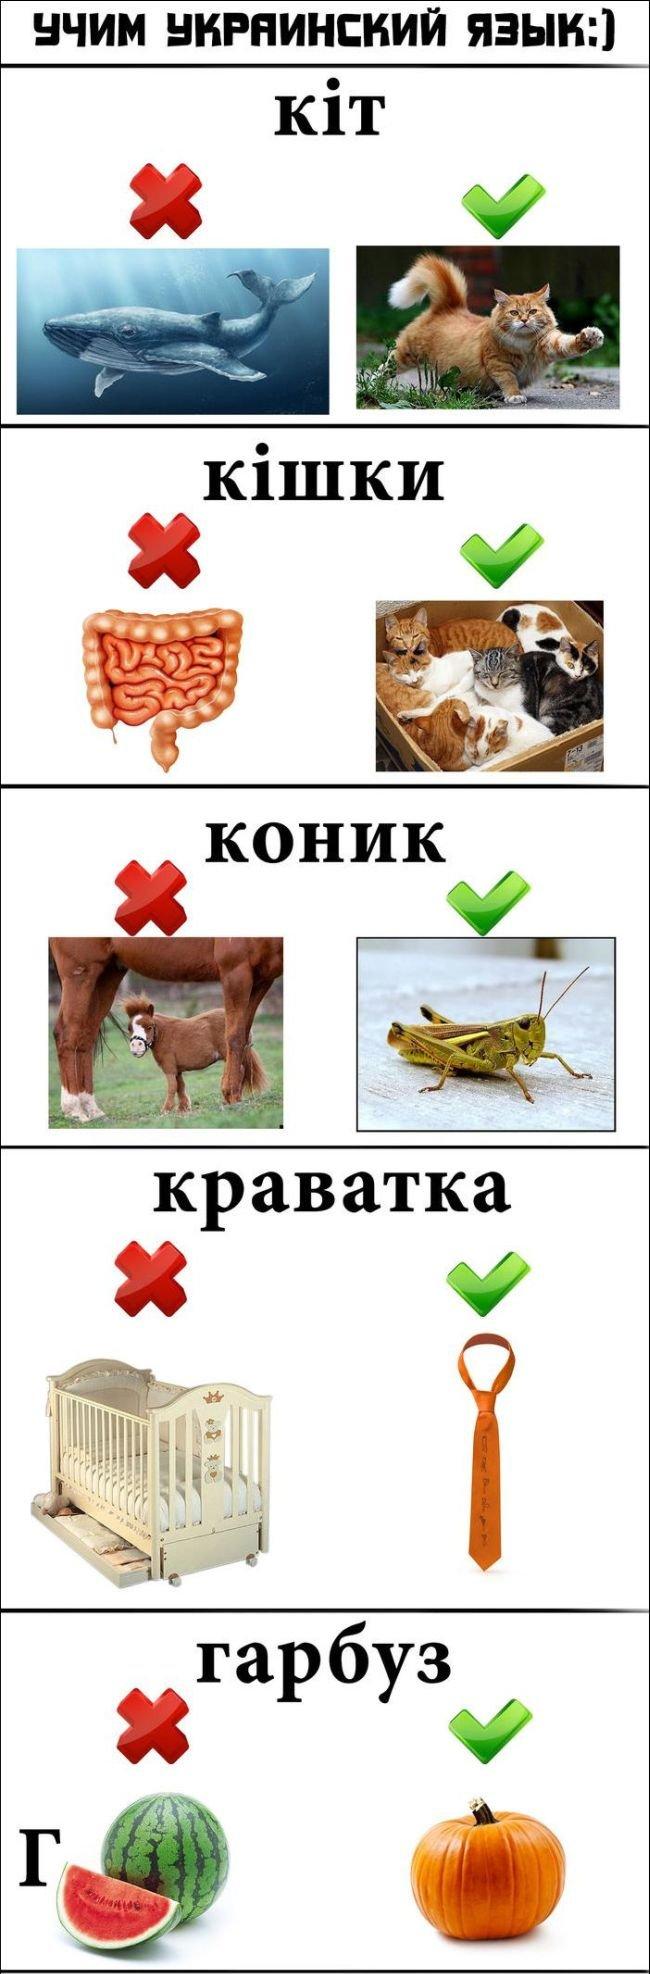 Про слова и языки (4 фото)